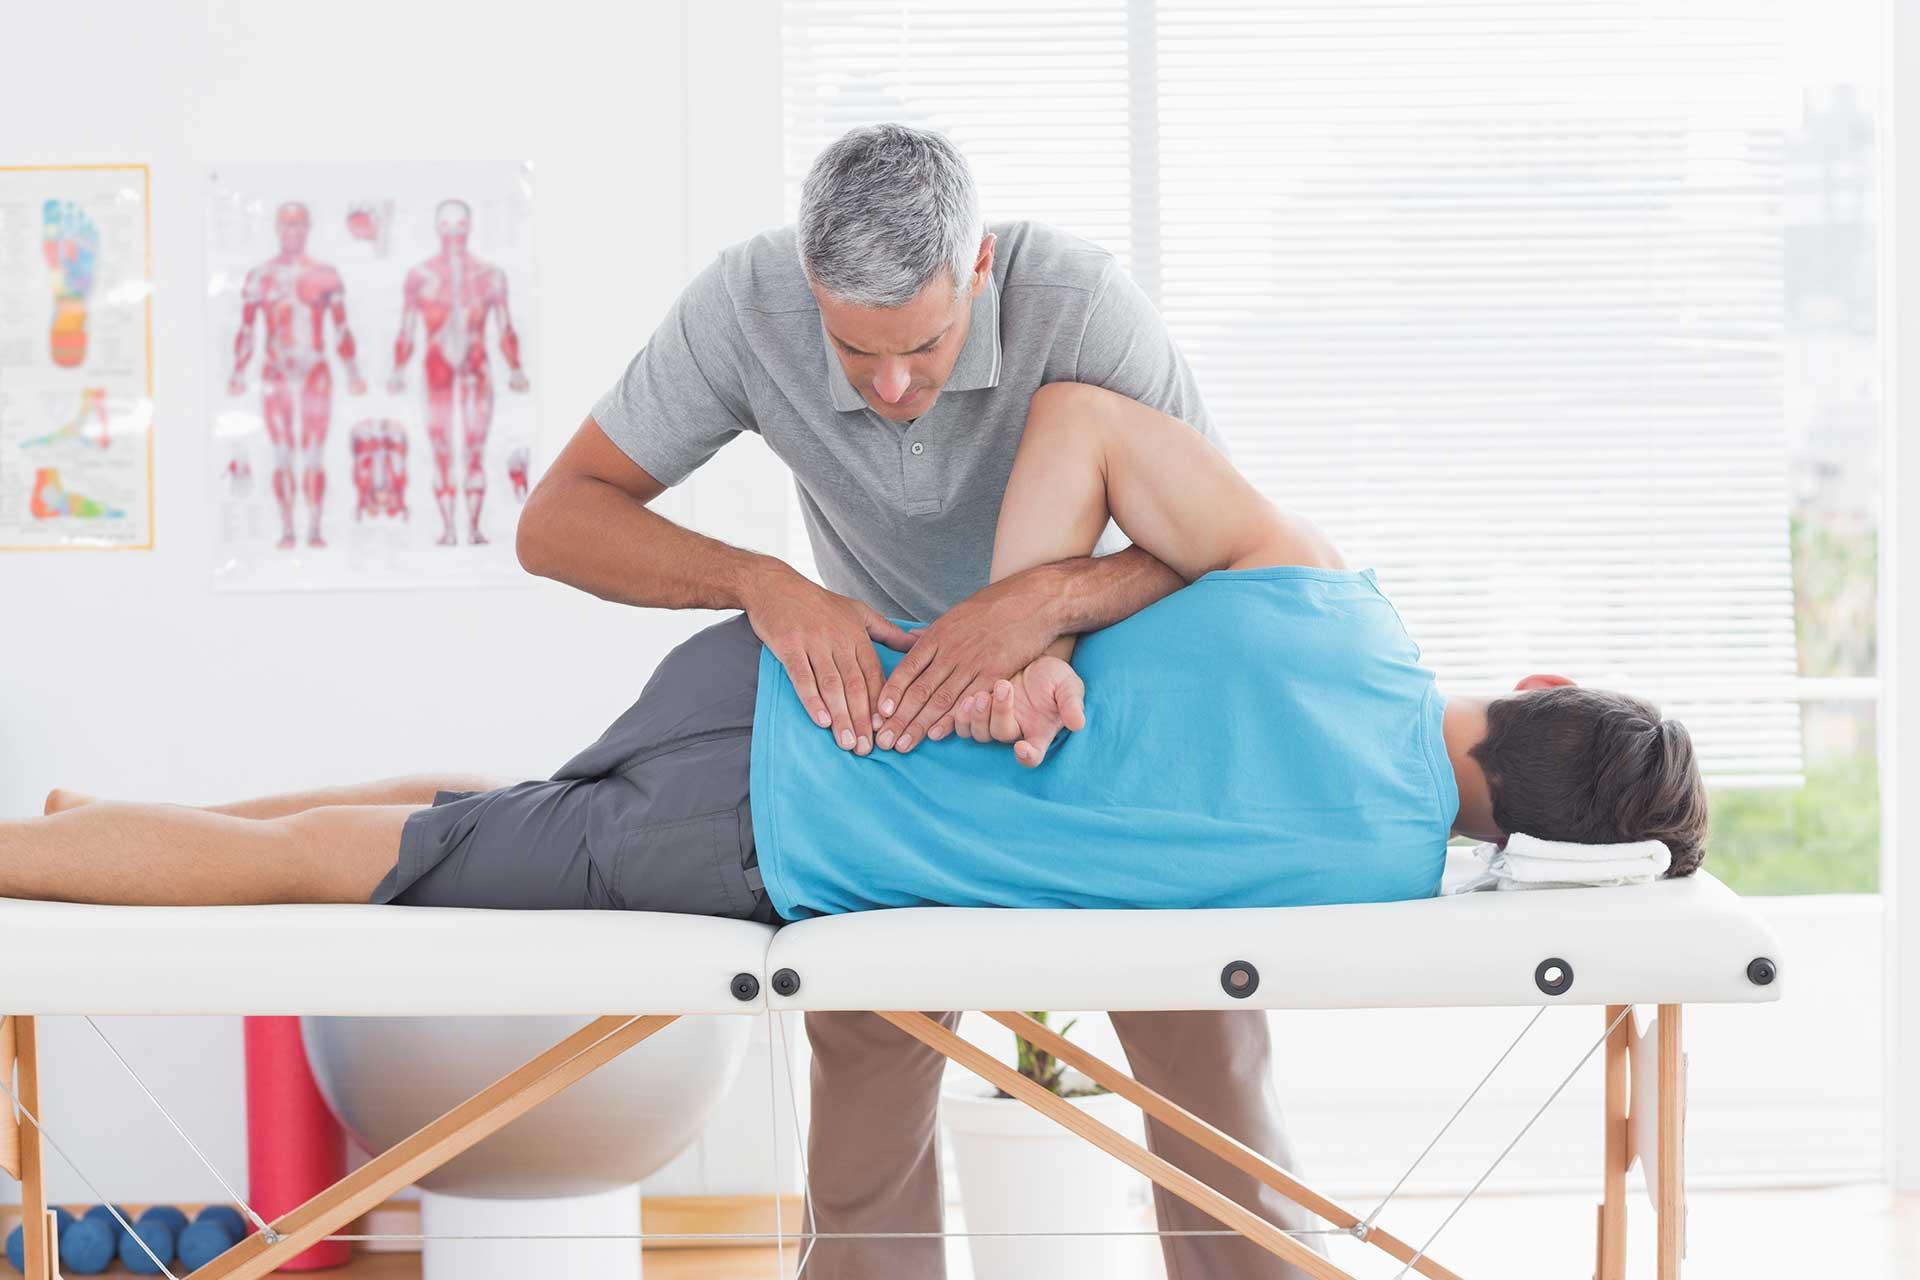 פיזיותרפיה לרצפת אגן לגברים | בסט מדיקל